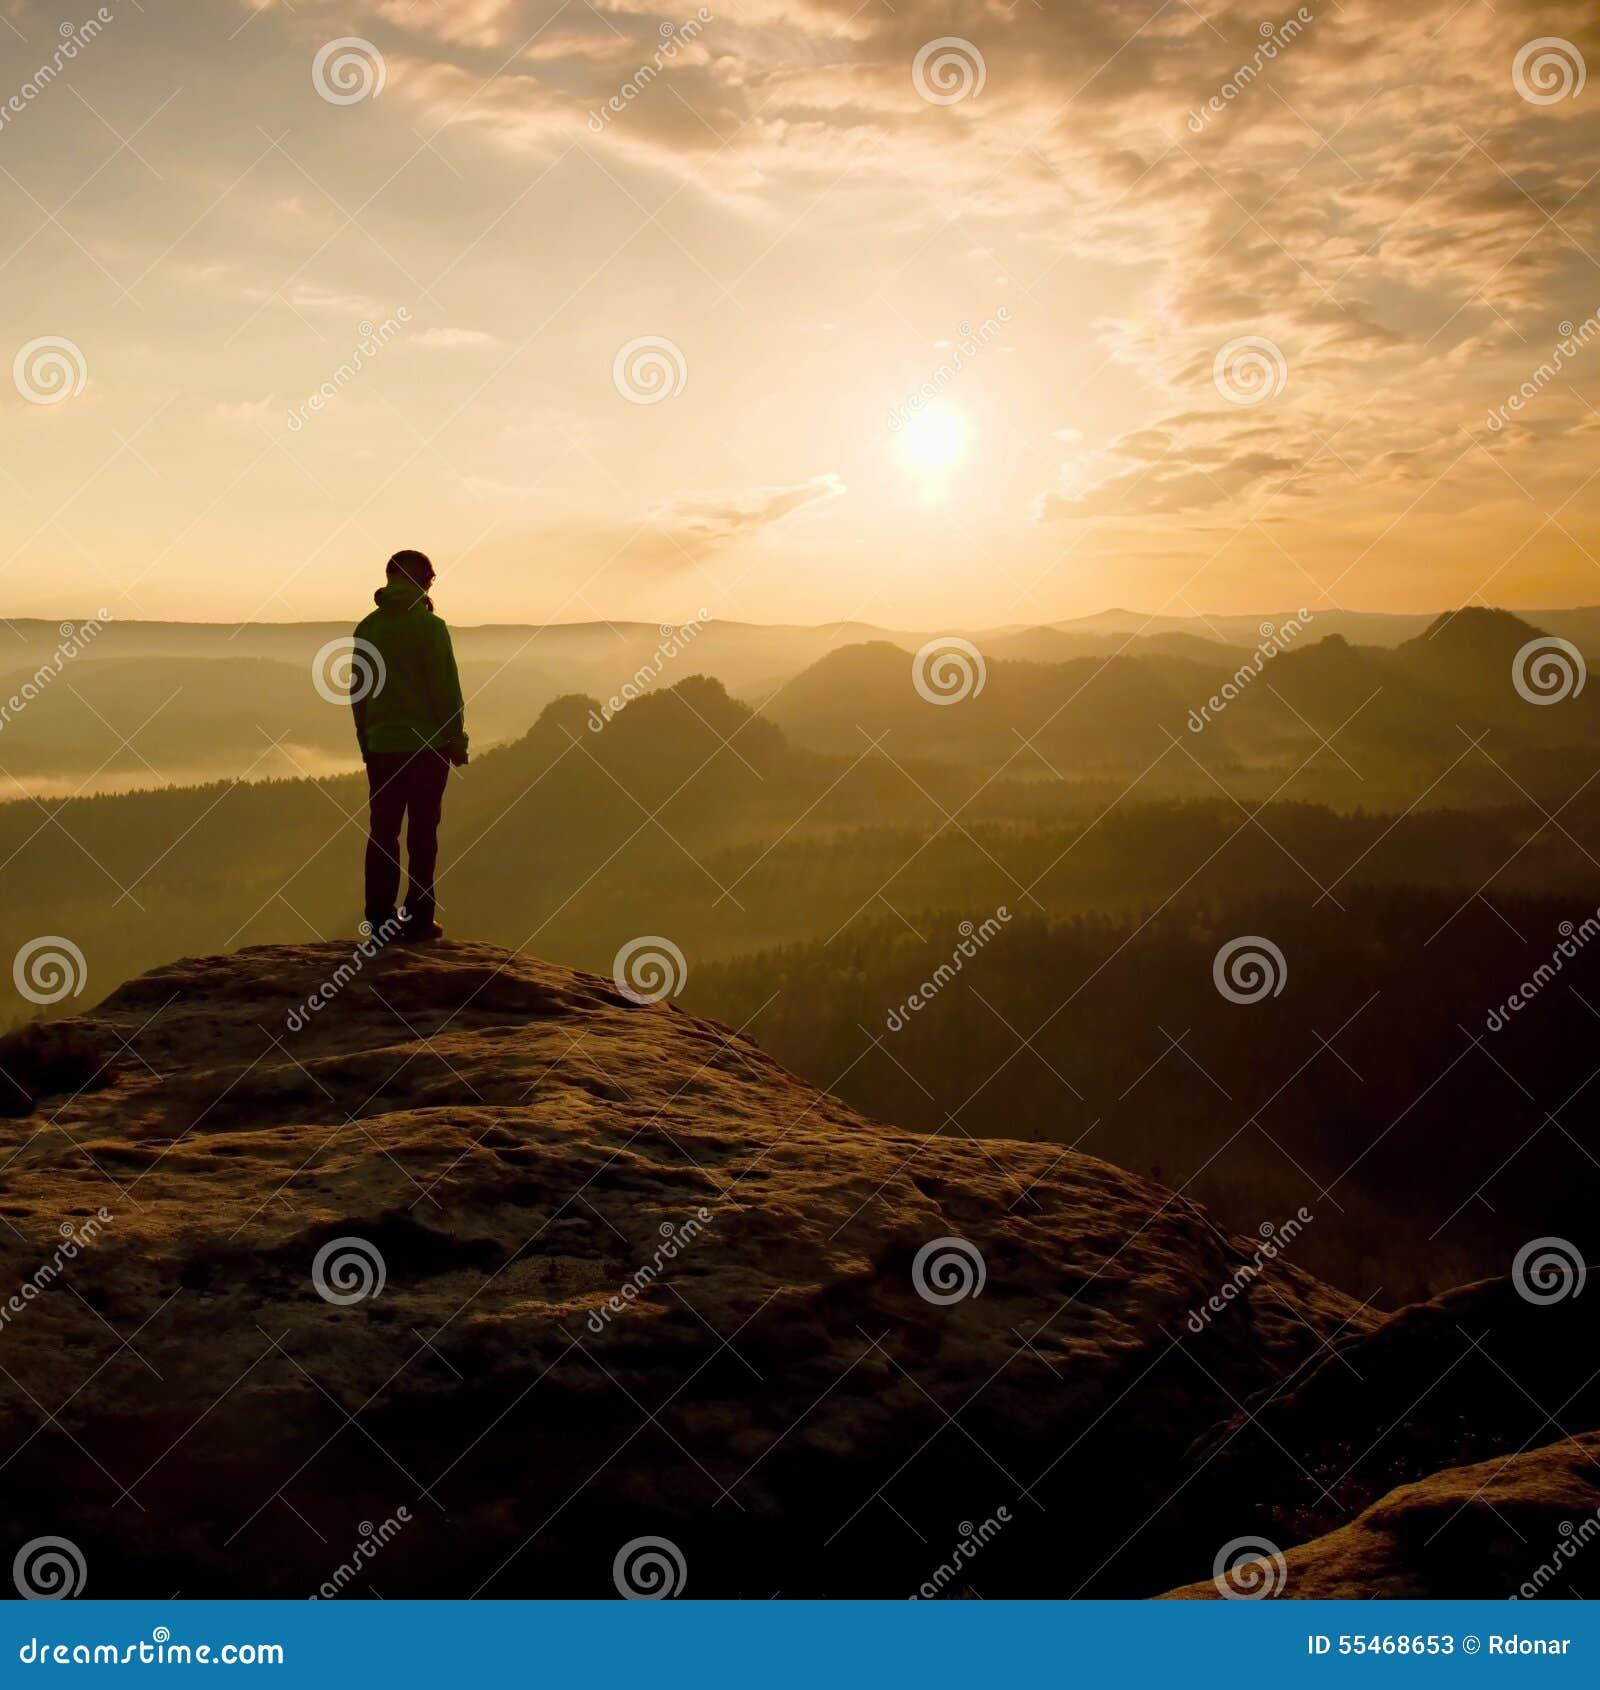 O suporte do caminhante no canto afiado da rocha do arenito em impérios da rocha estaciona e olhando sobre o vale enevoado e nevo